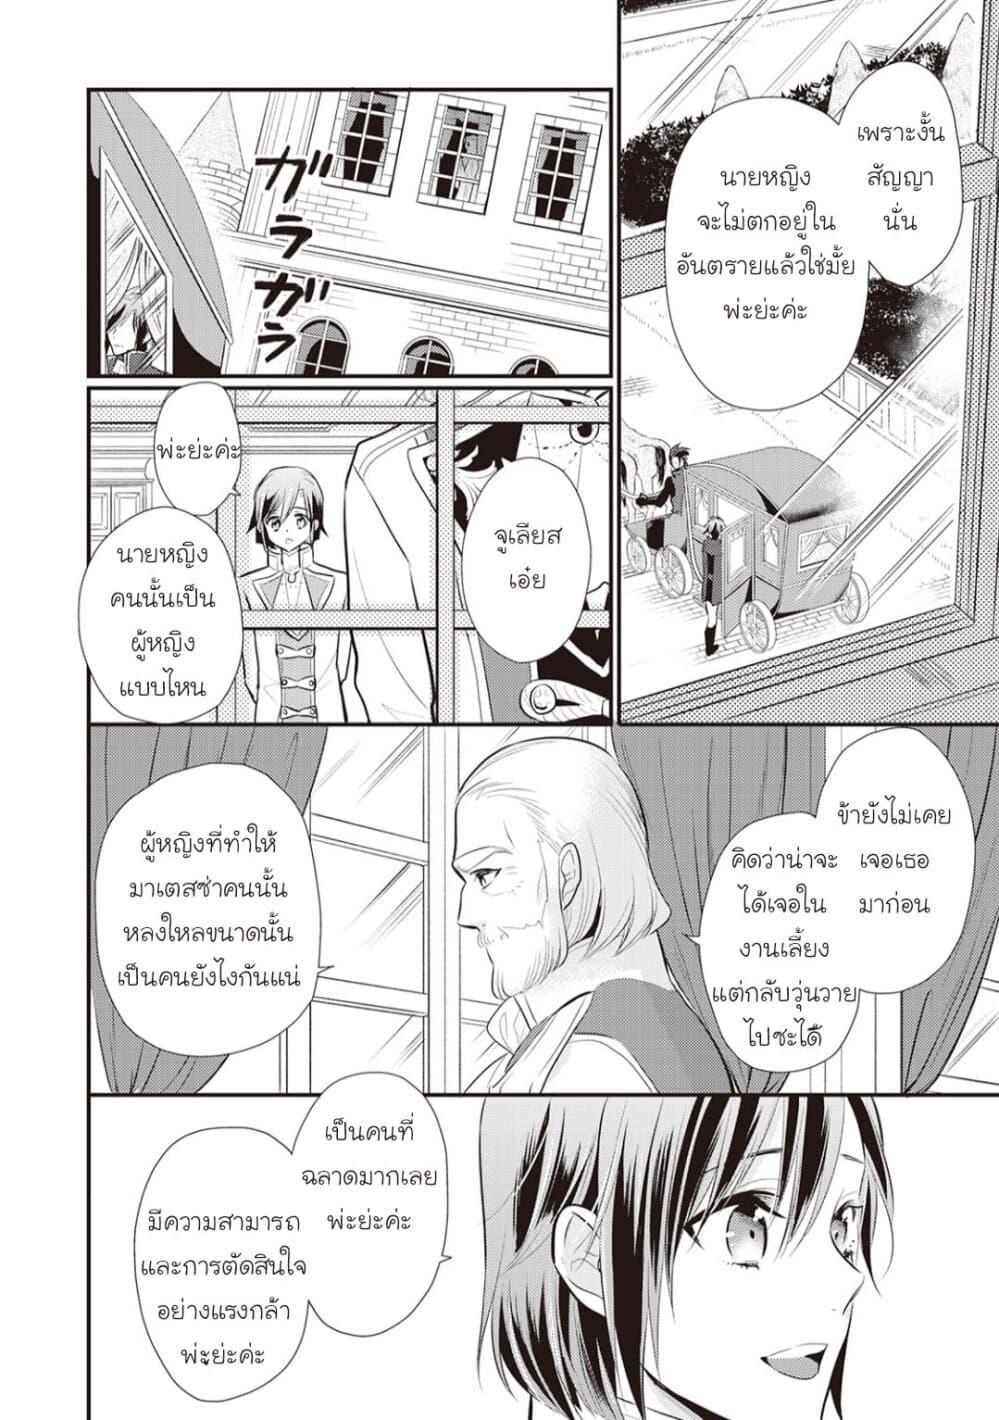 อ่านการ์ตูน Daites Ryou Koubouki ตอนที่ 23 หน้าที่ 10